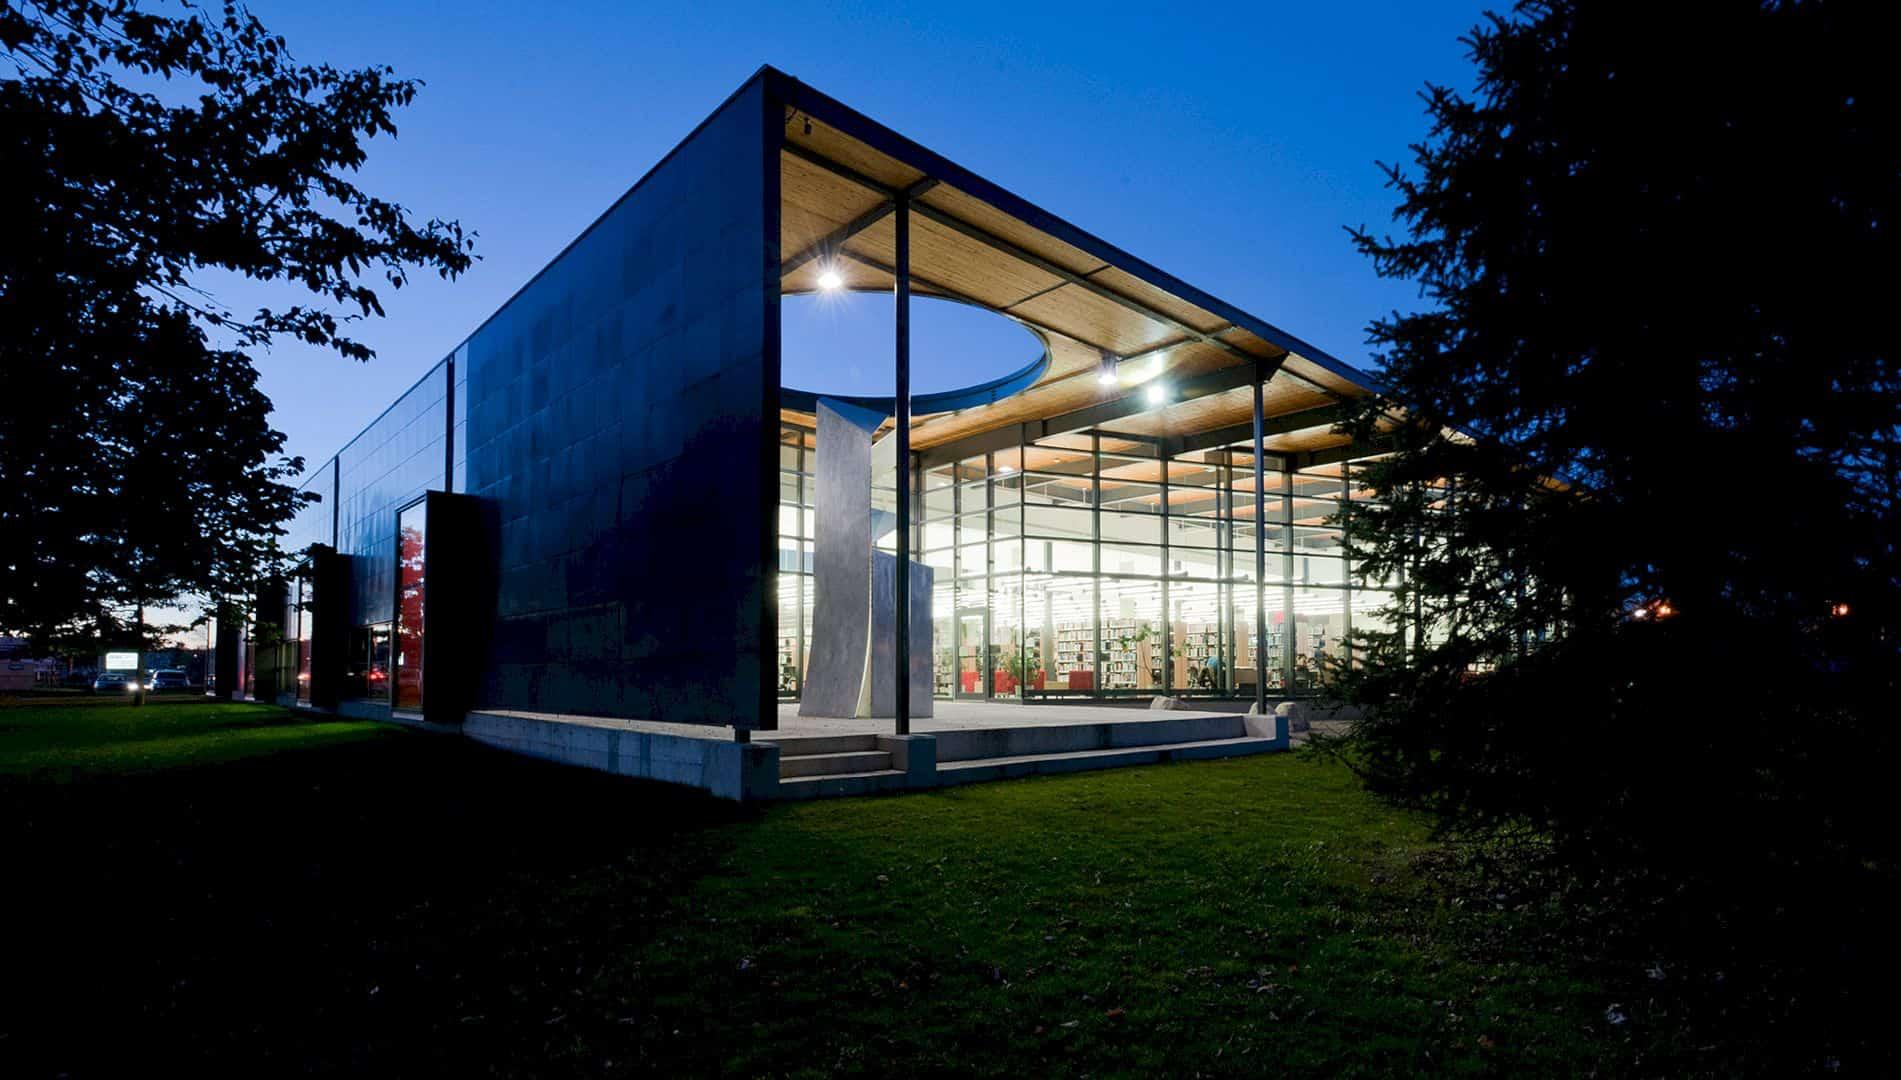 Bibliothèque Félix Leclerc An Extension Project To Form Dialogue With The Urban Landscape 5